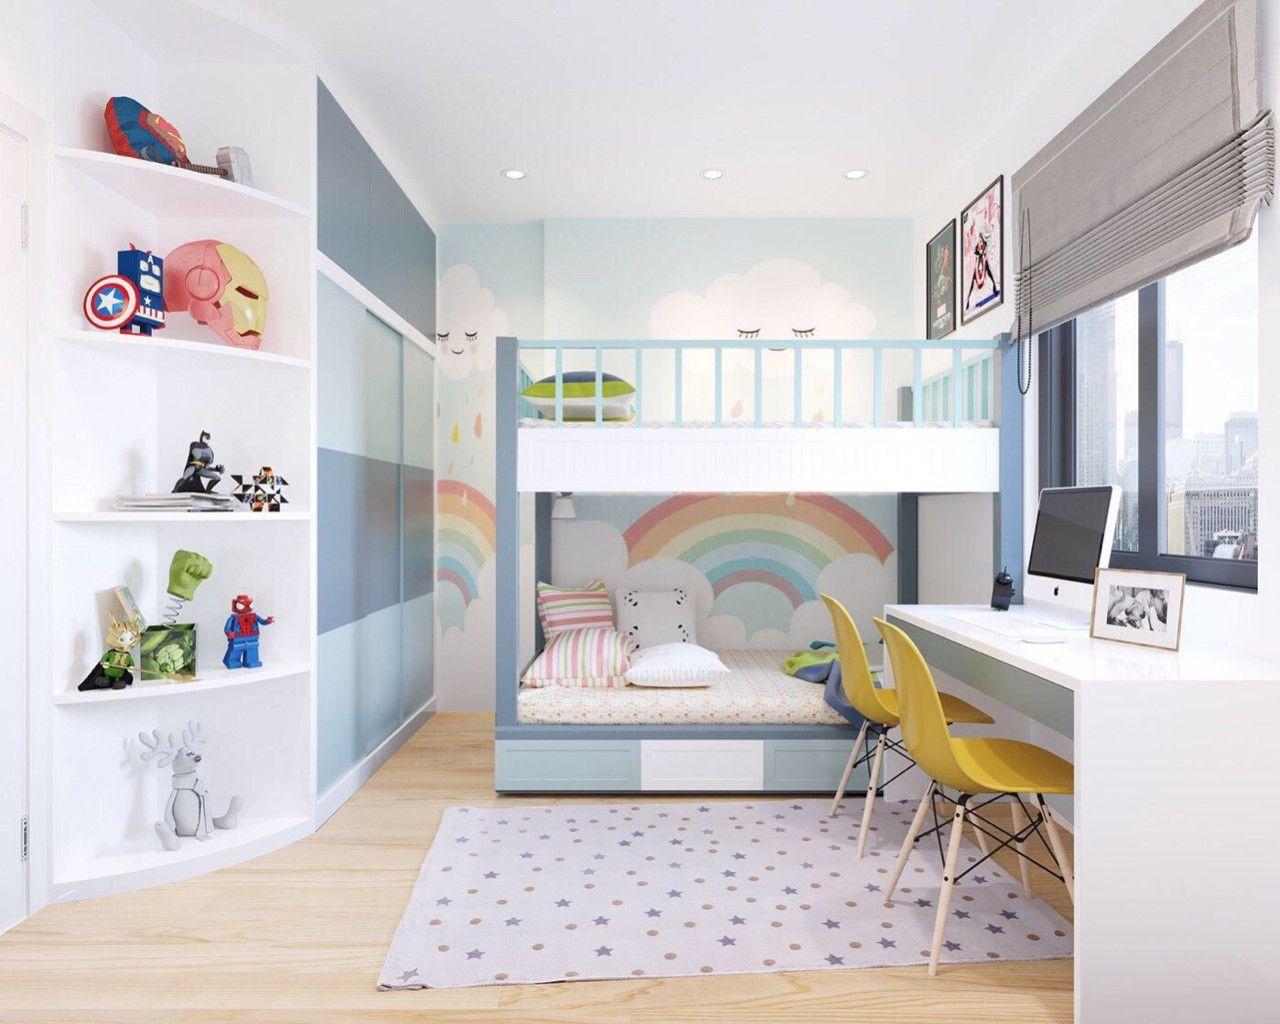 Thiết kế nội thất phong cách hiện đại - phòng ngủ 001